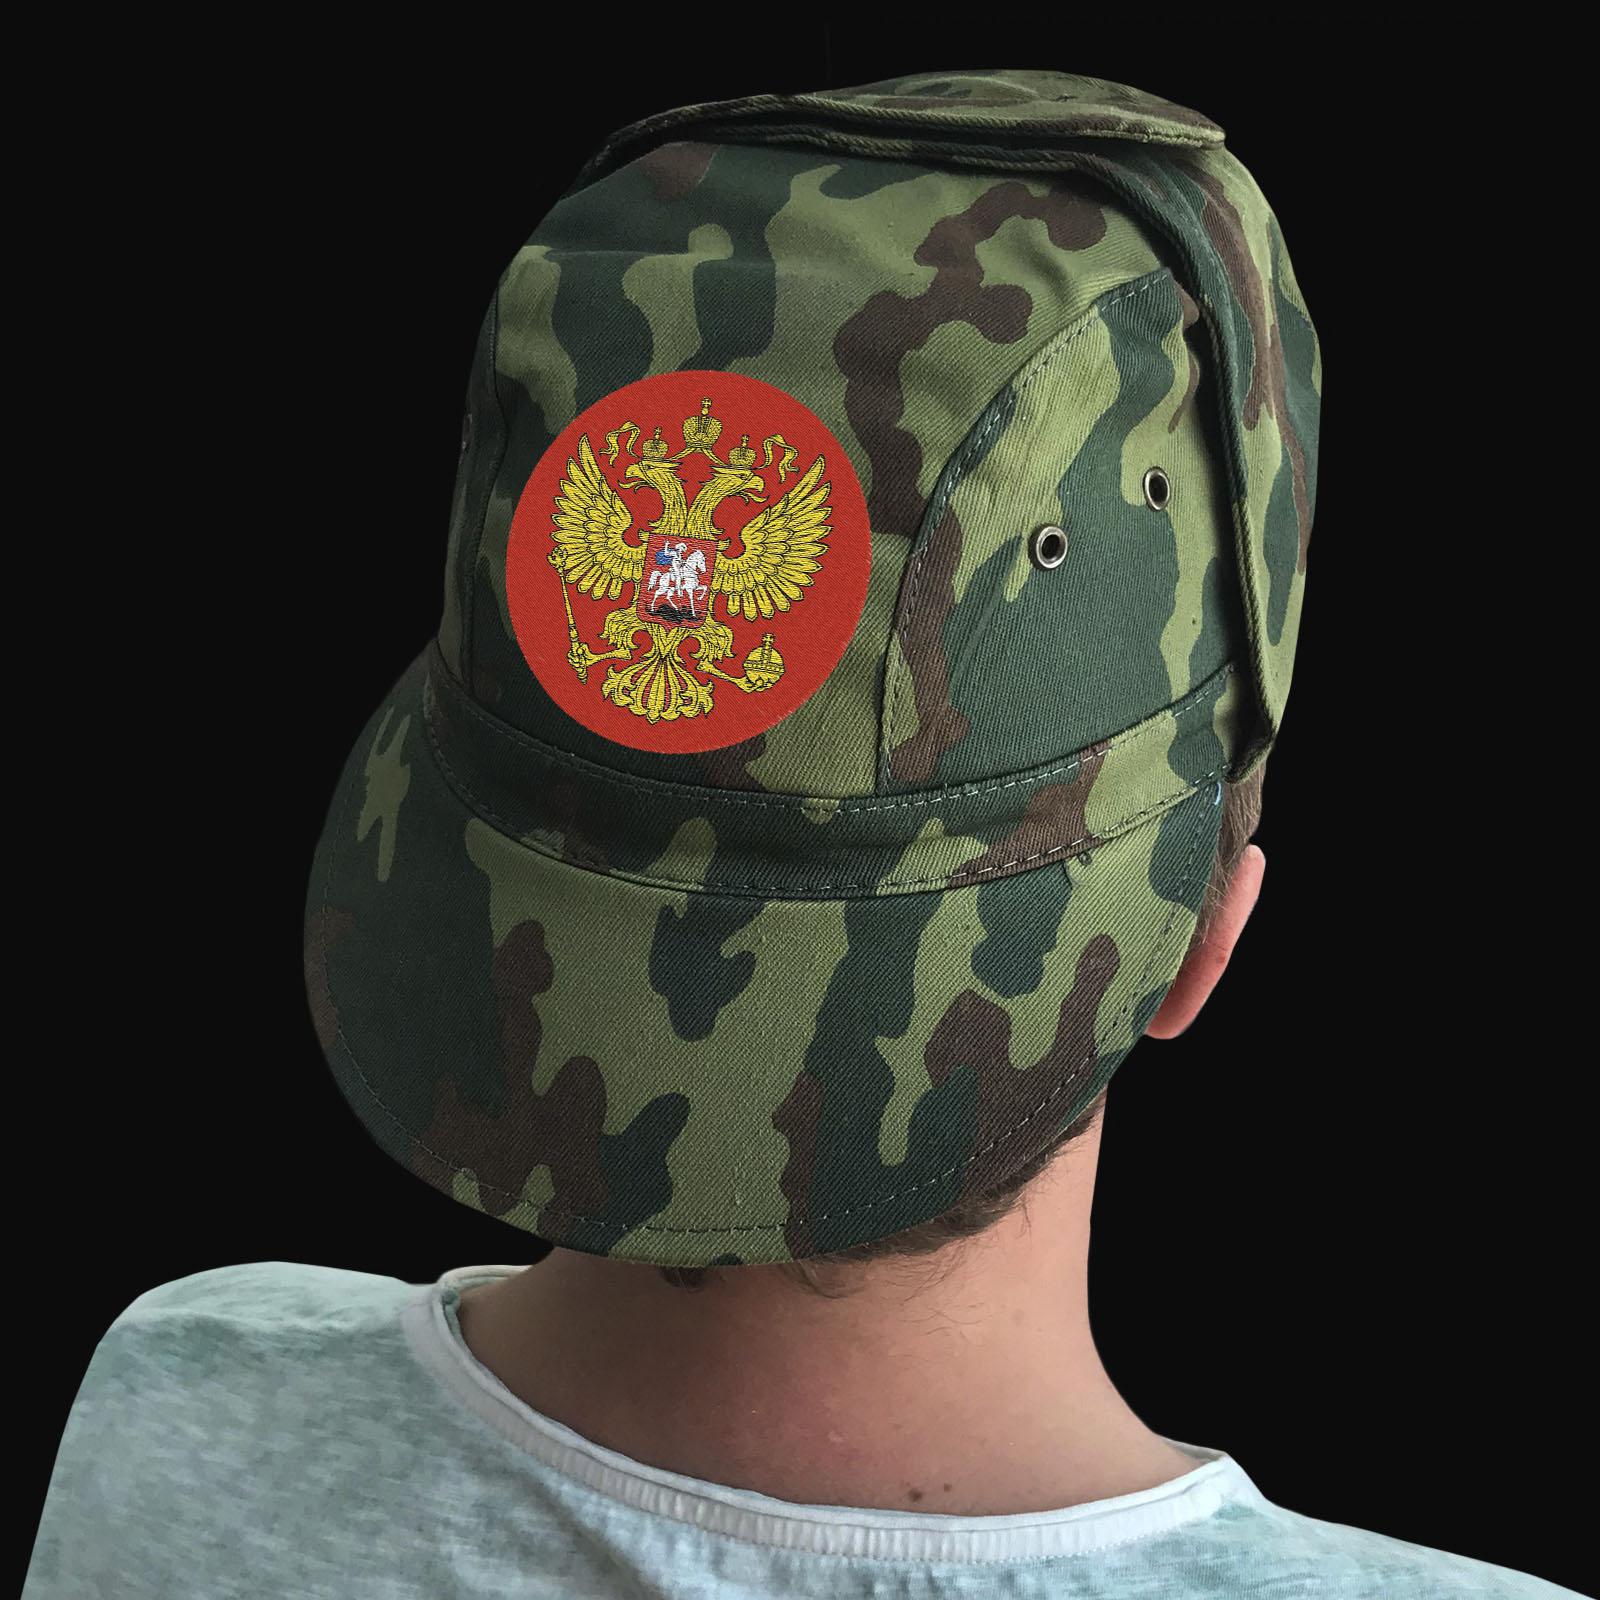 Недорогие армейские кепки с вышитым гербом РФ